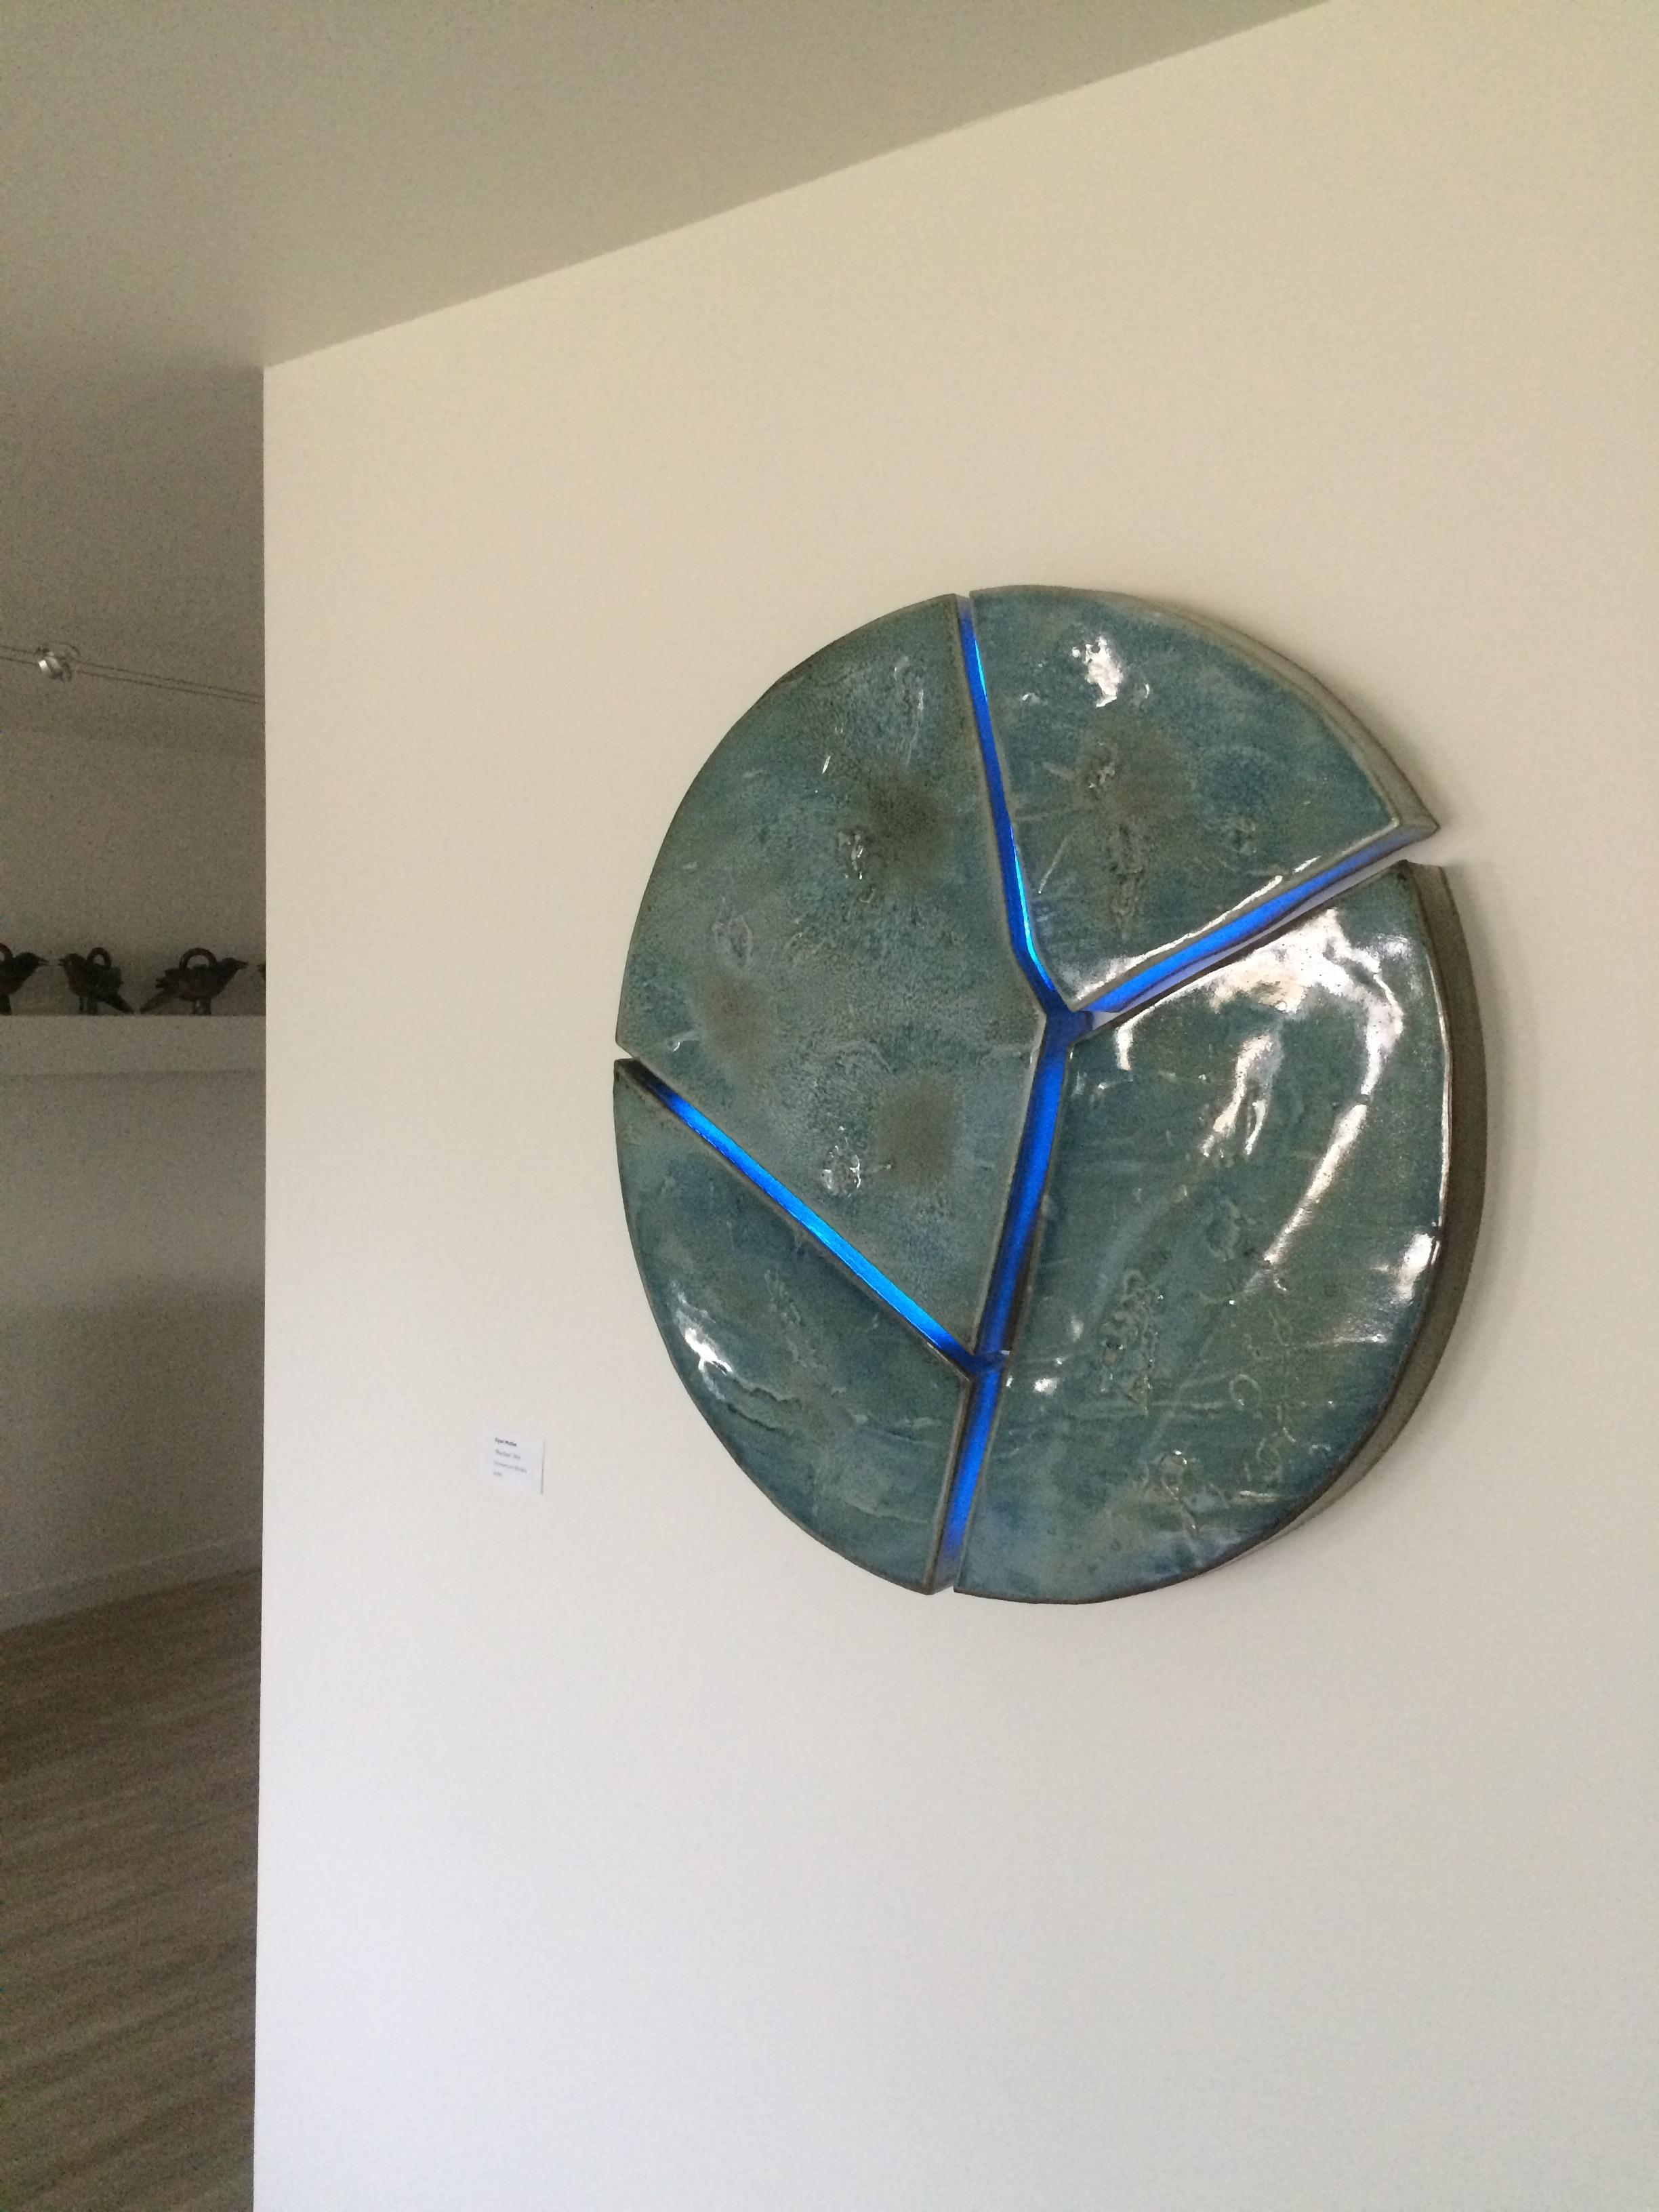 Eyan Mullet's ceramic wall installation